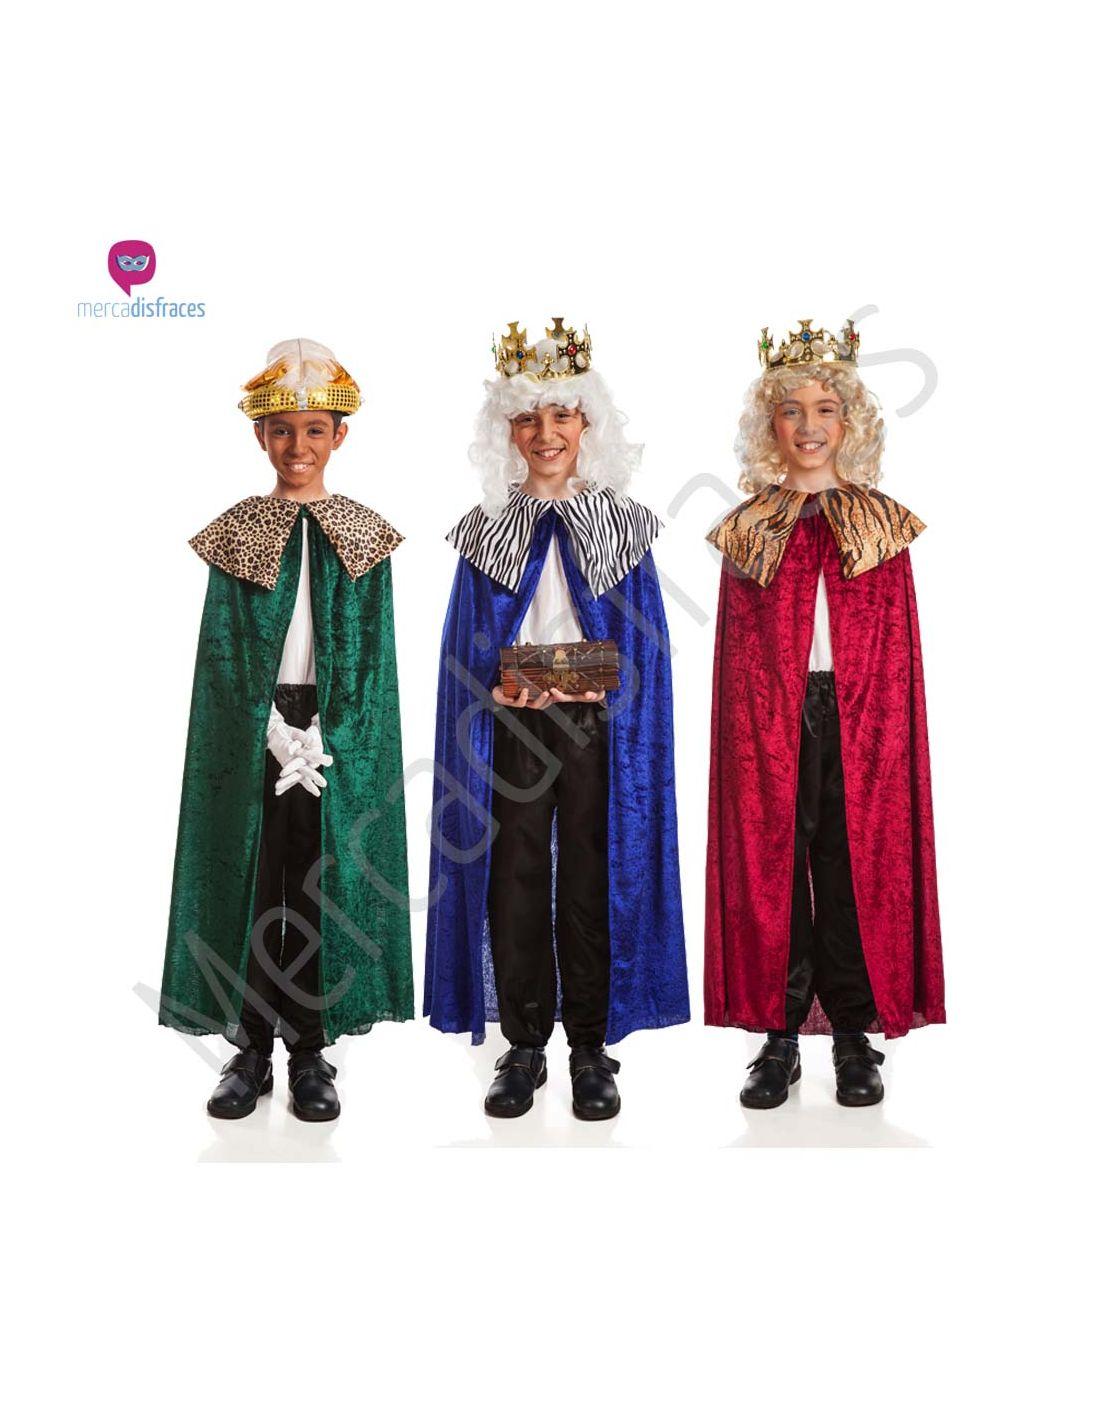 Disfraces De Navidad Nino Mercadisfraces - Disfraces-de-nios-de-navidad